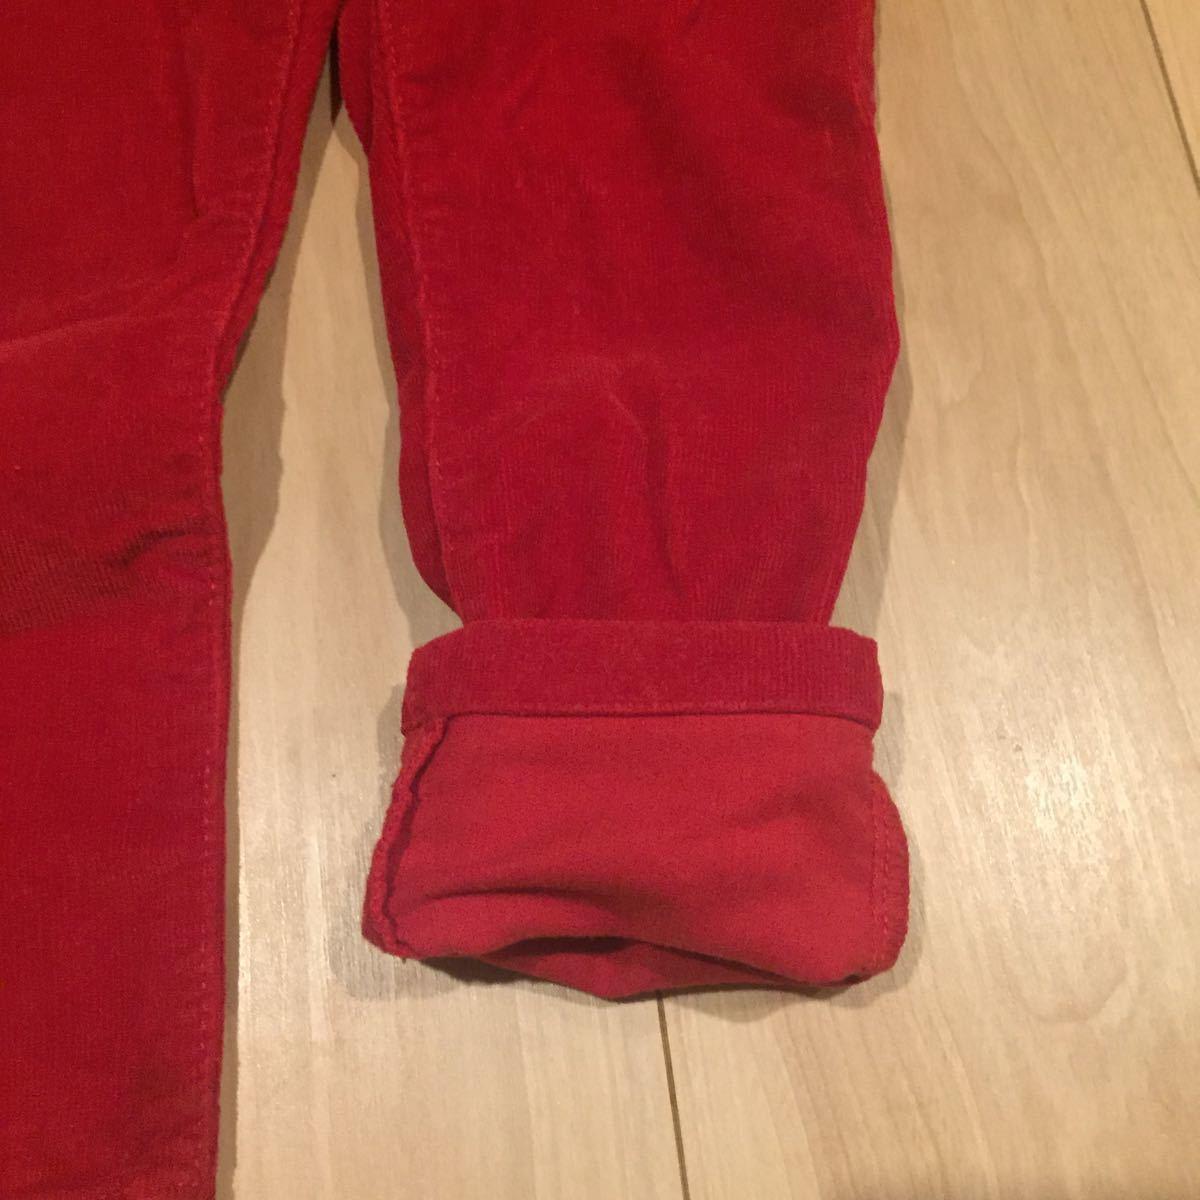 キッズ 幼児 トミーヒルフィガー TOMMY HILFIGER 92 赤 コーデュロイ 美品 パンツ グリッターパーツ ハートスタッズ 男女兼用 華やか 元気_画像6